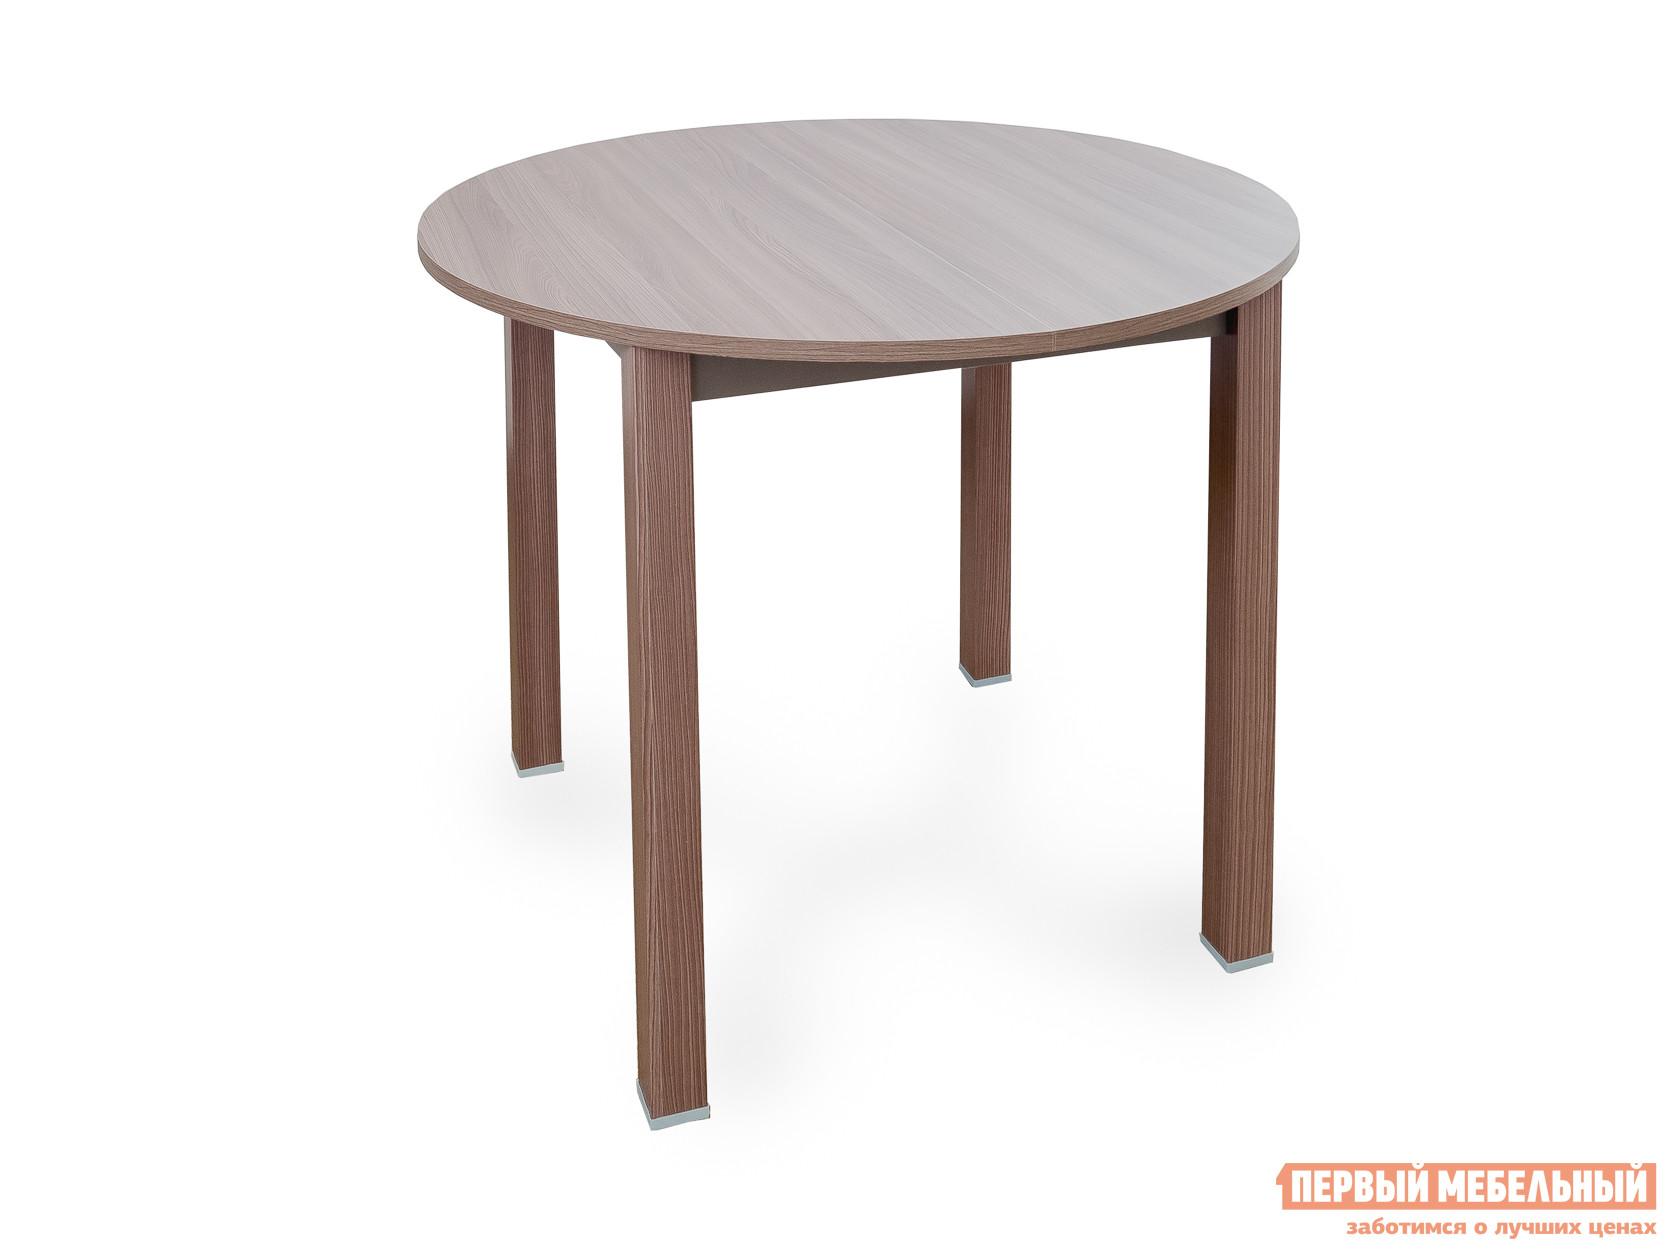 Маленький круглый стол на кухню Боровичи Стол обеденный раздвижной с круглой крышкой